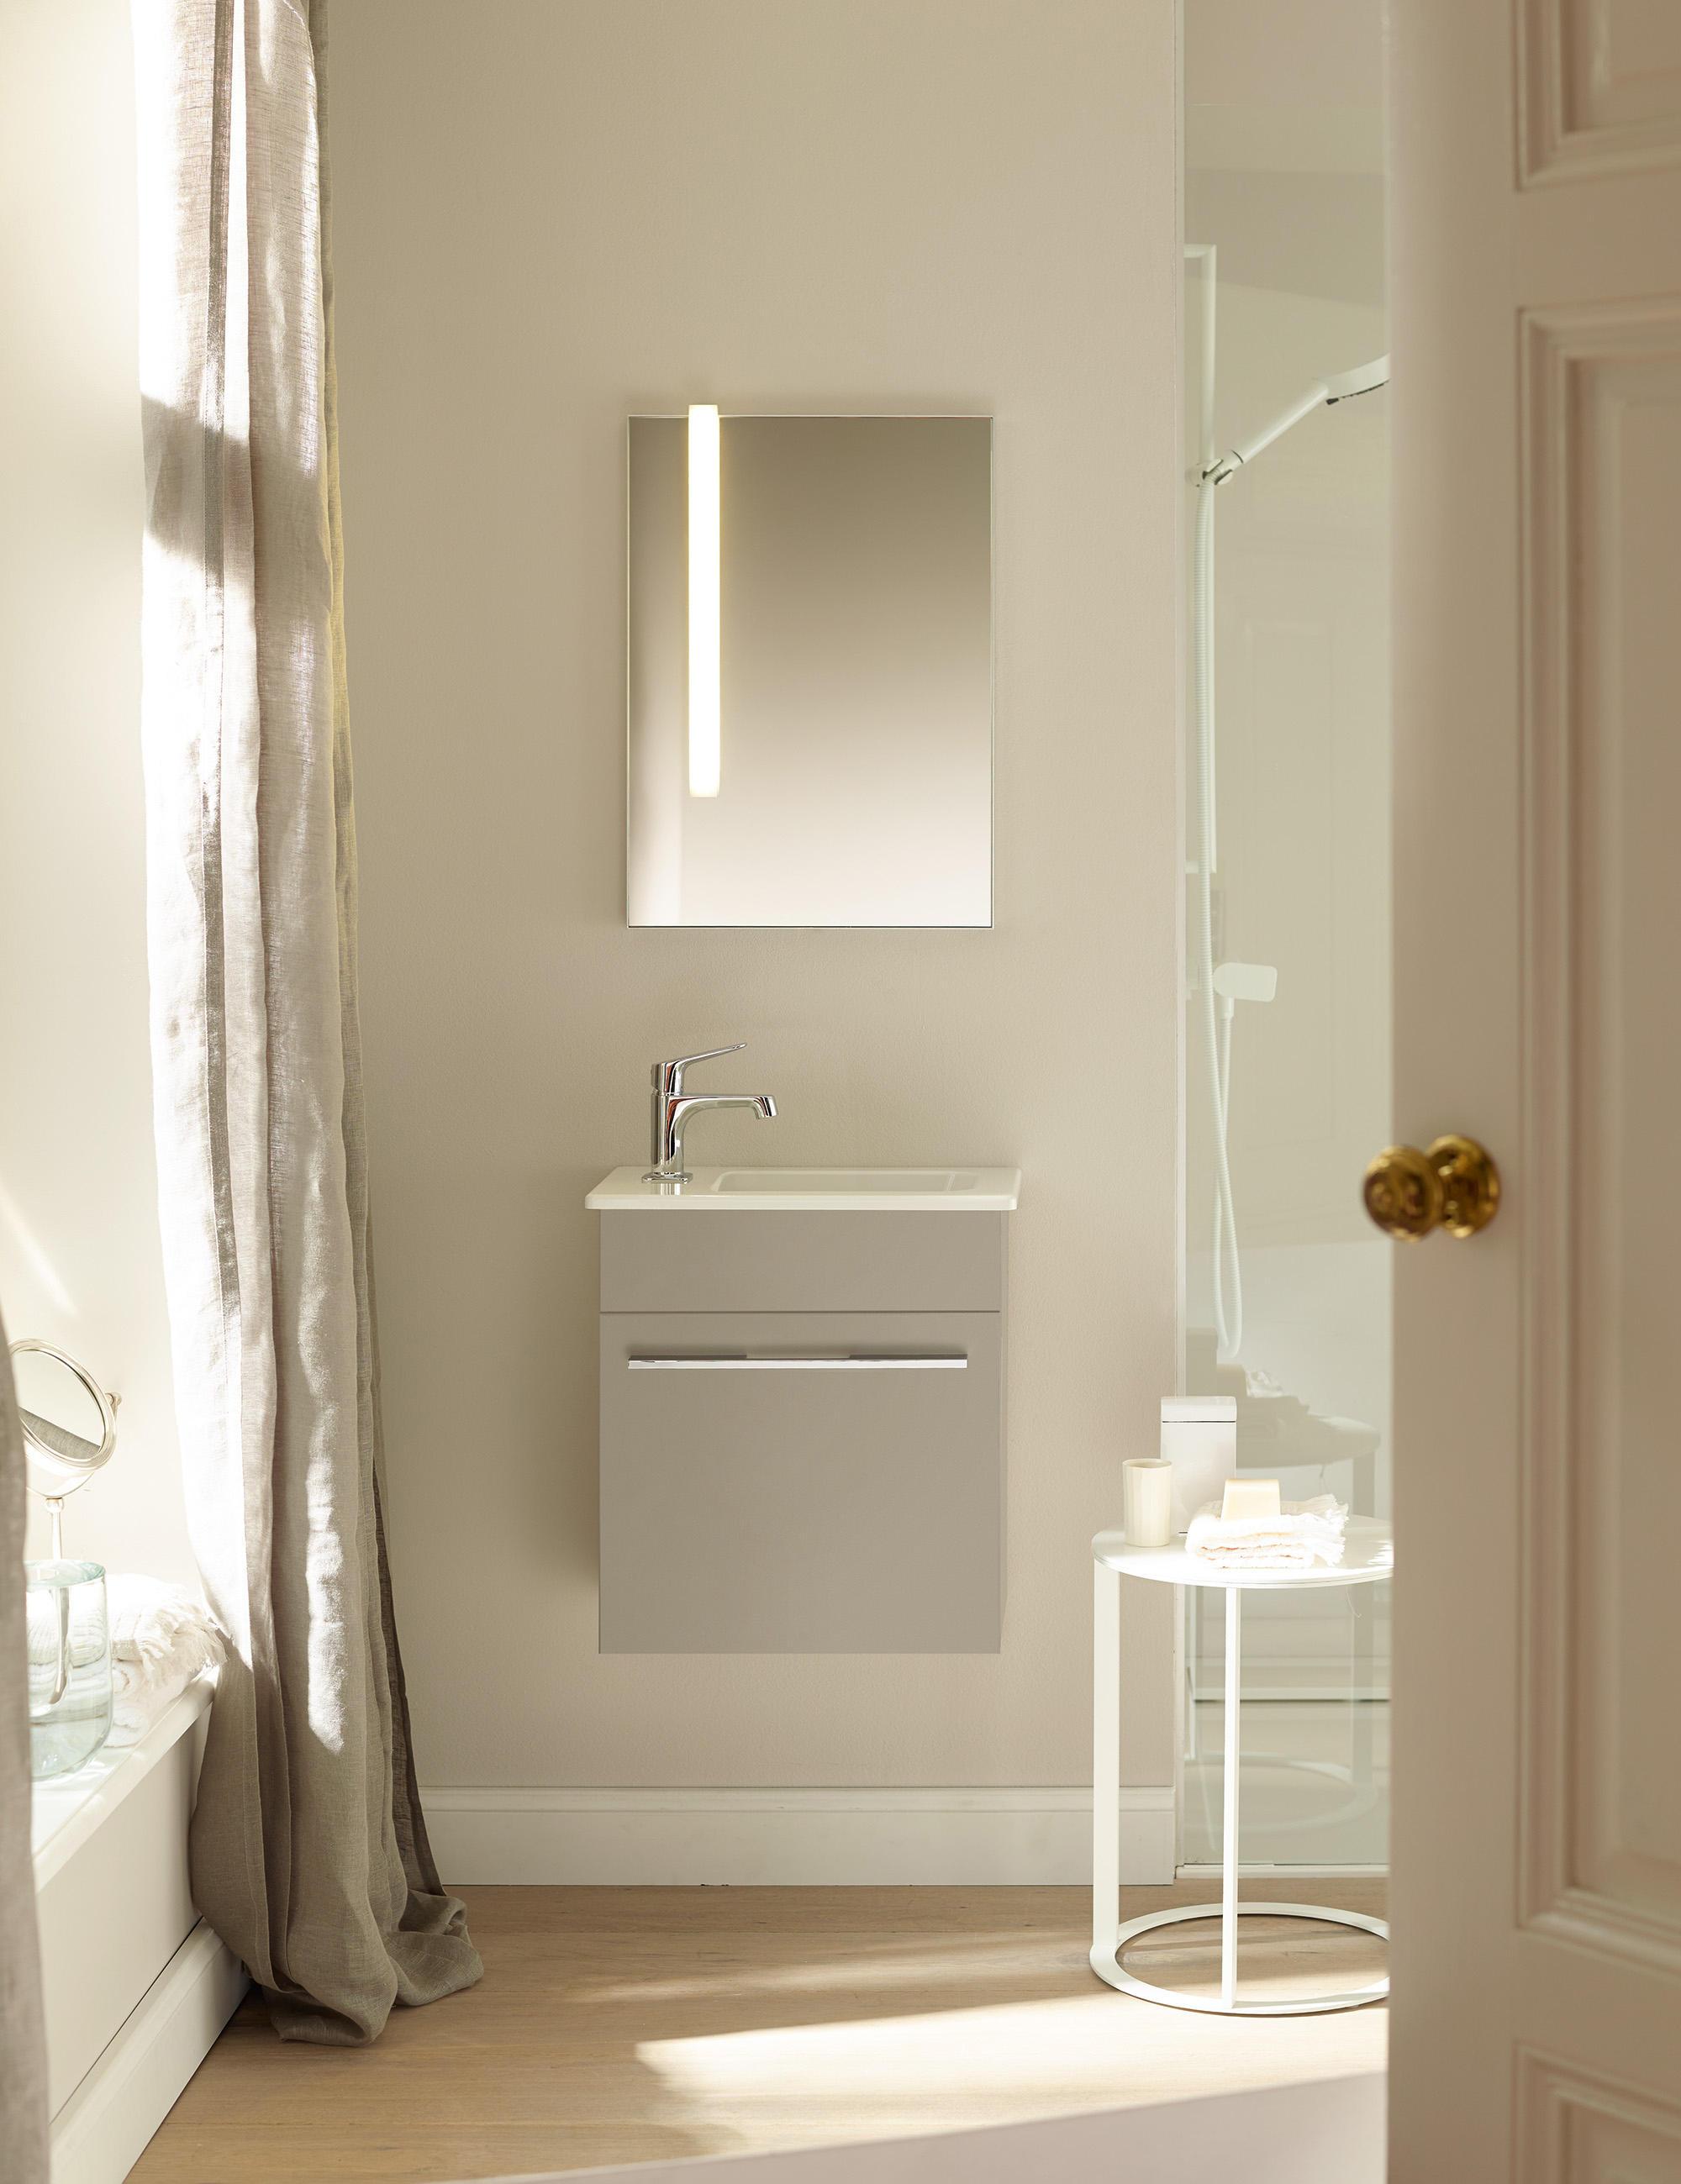 bel colonne meubles muraux salle de bain de burgbad architonic. Black Bedroom Furniture Sets. Home Design Ideas